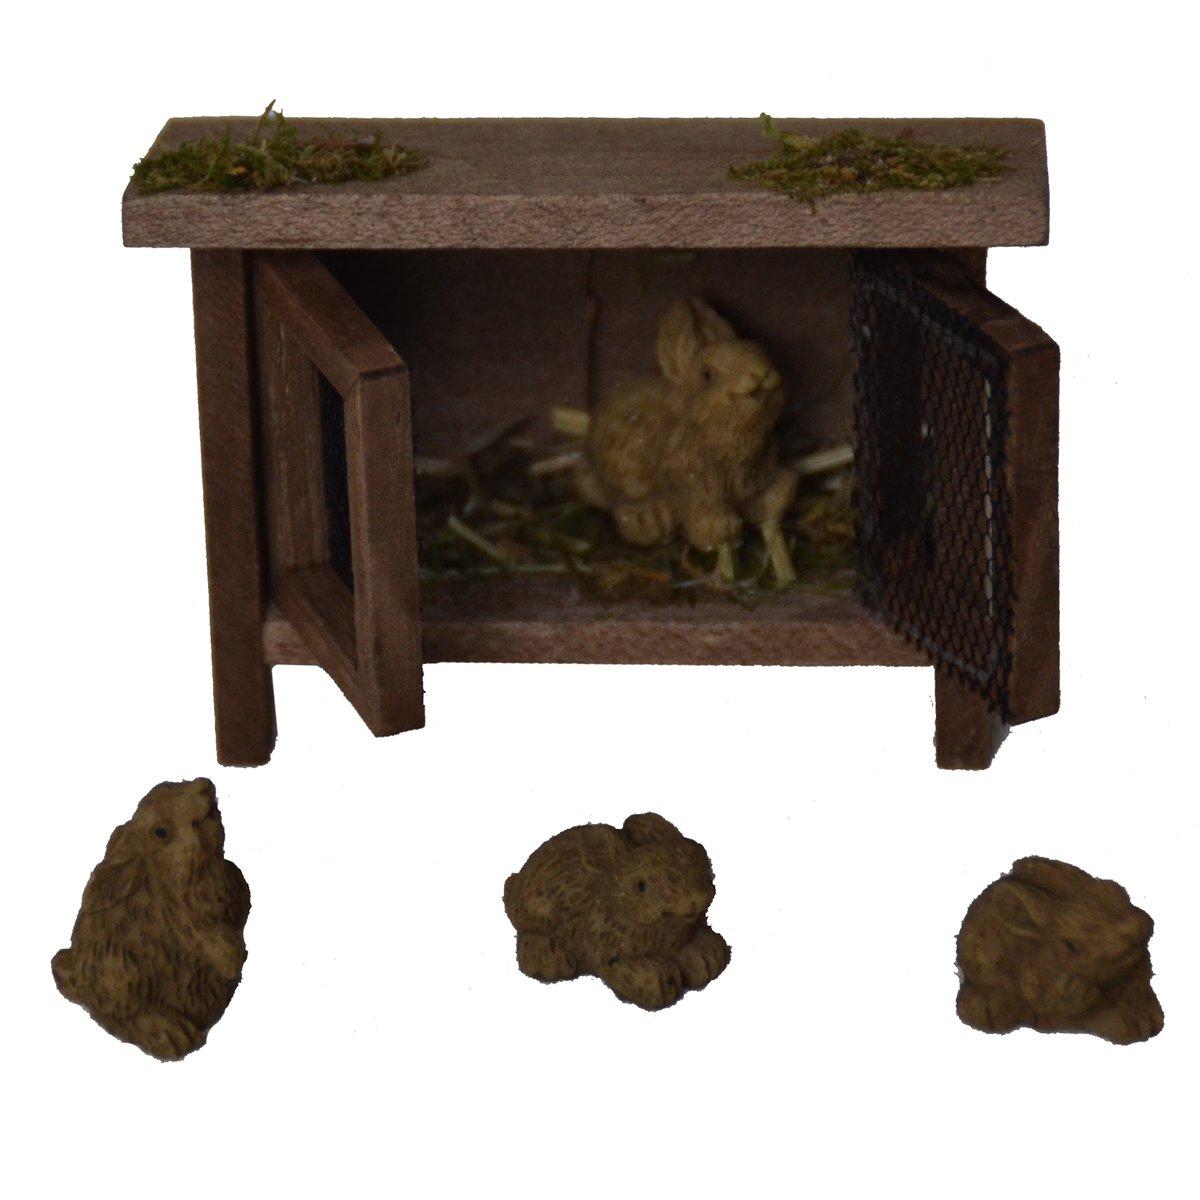 Accesorios para bel/én Alfred Kolbe Krippen AM 8 caseta con conejos, para figuras de 8-10 cm